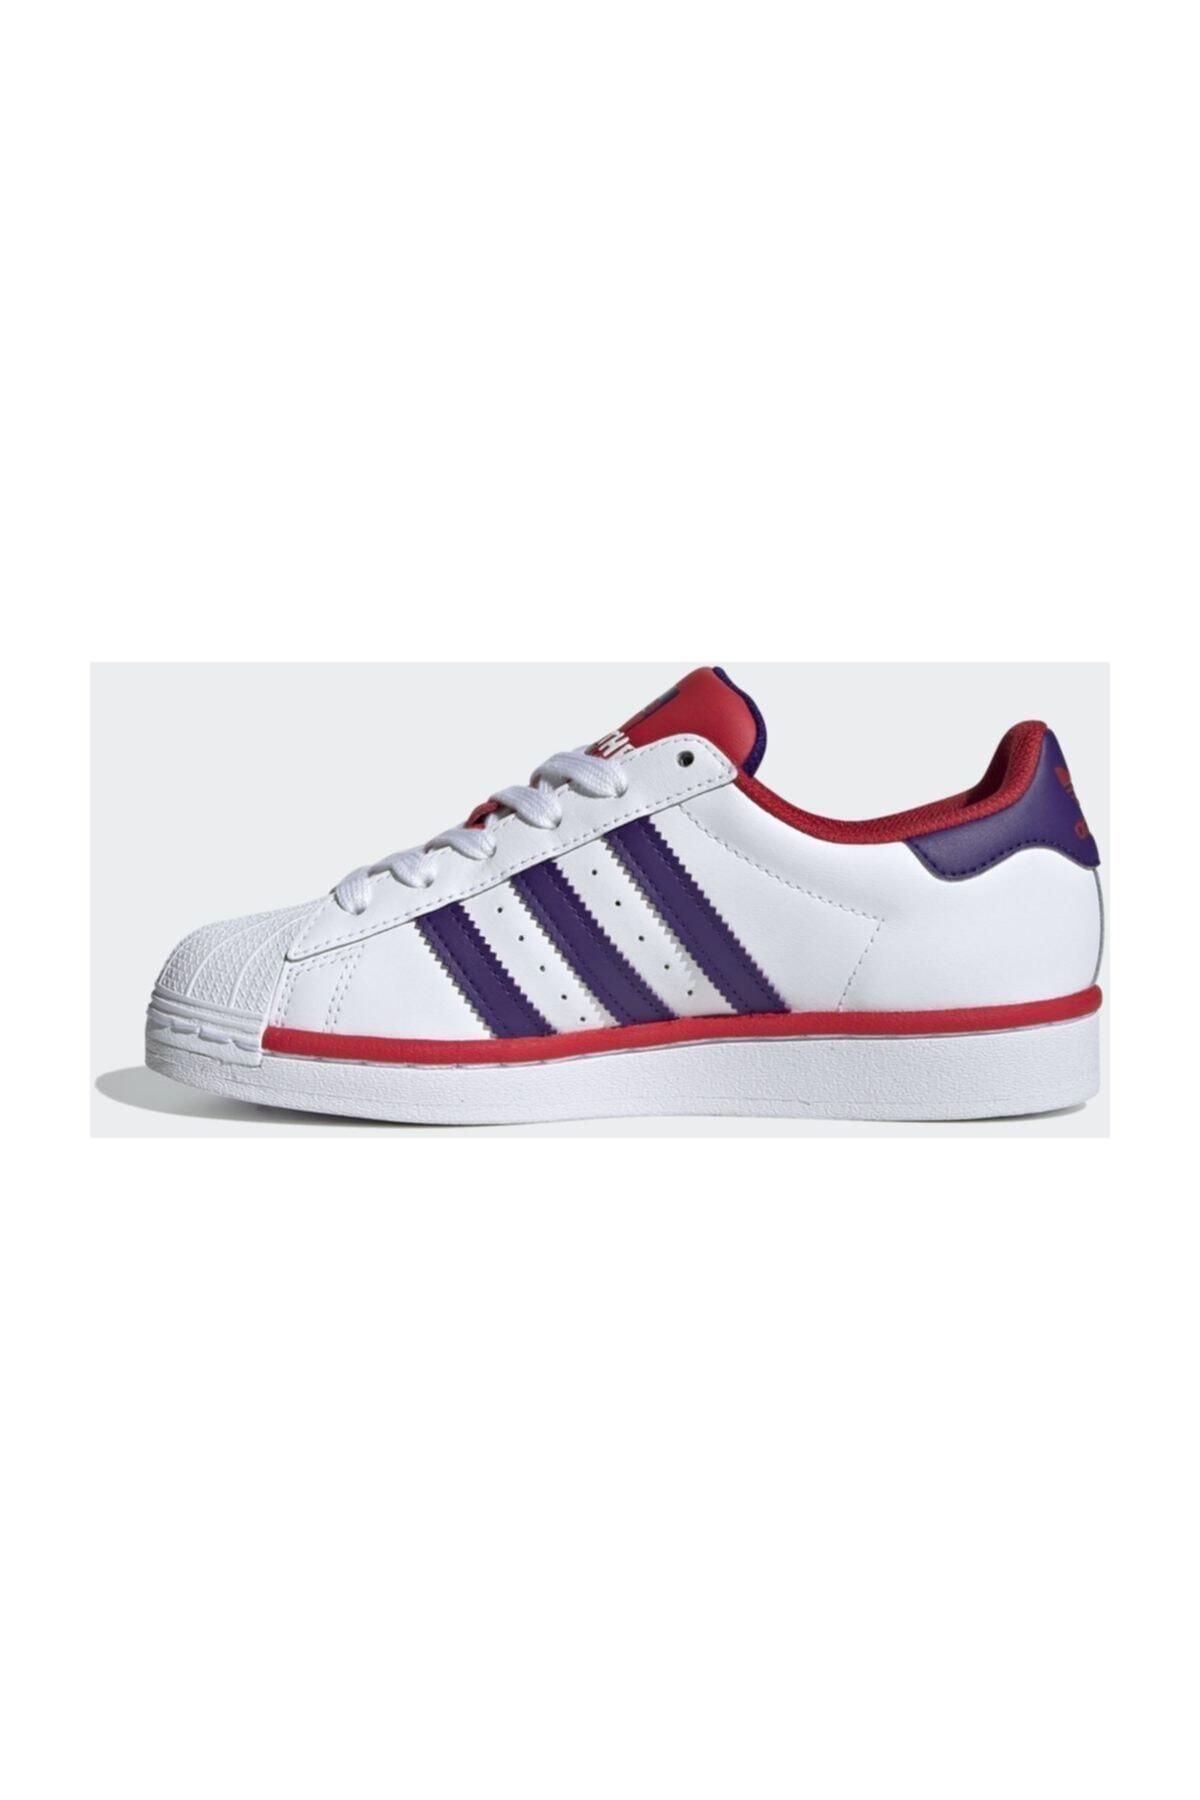 adidas Superstar J Günlük Spor Ayakkabı 2